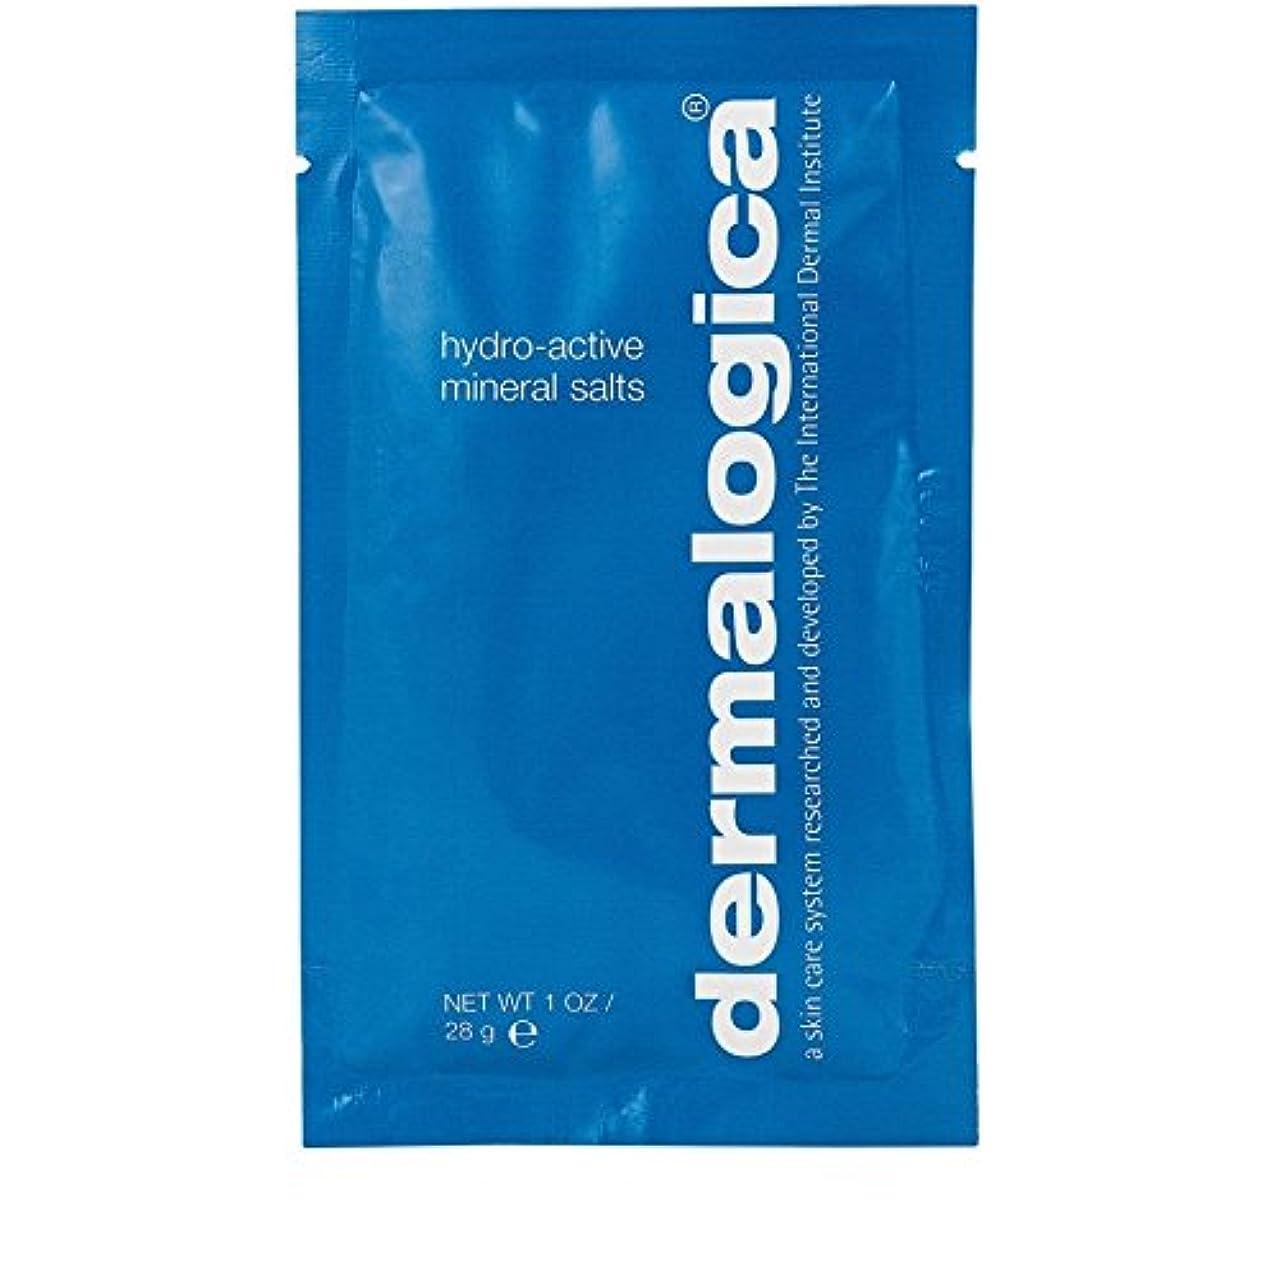 アクティブ弾性検査ダーマロジカ水力アクティブミネラル塩28グラム x4 - Dermalogica Hydro Active Mineral Salt 28g (Pack of 4) [並行輸入品]